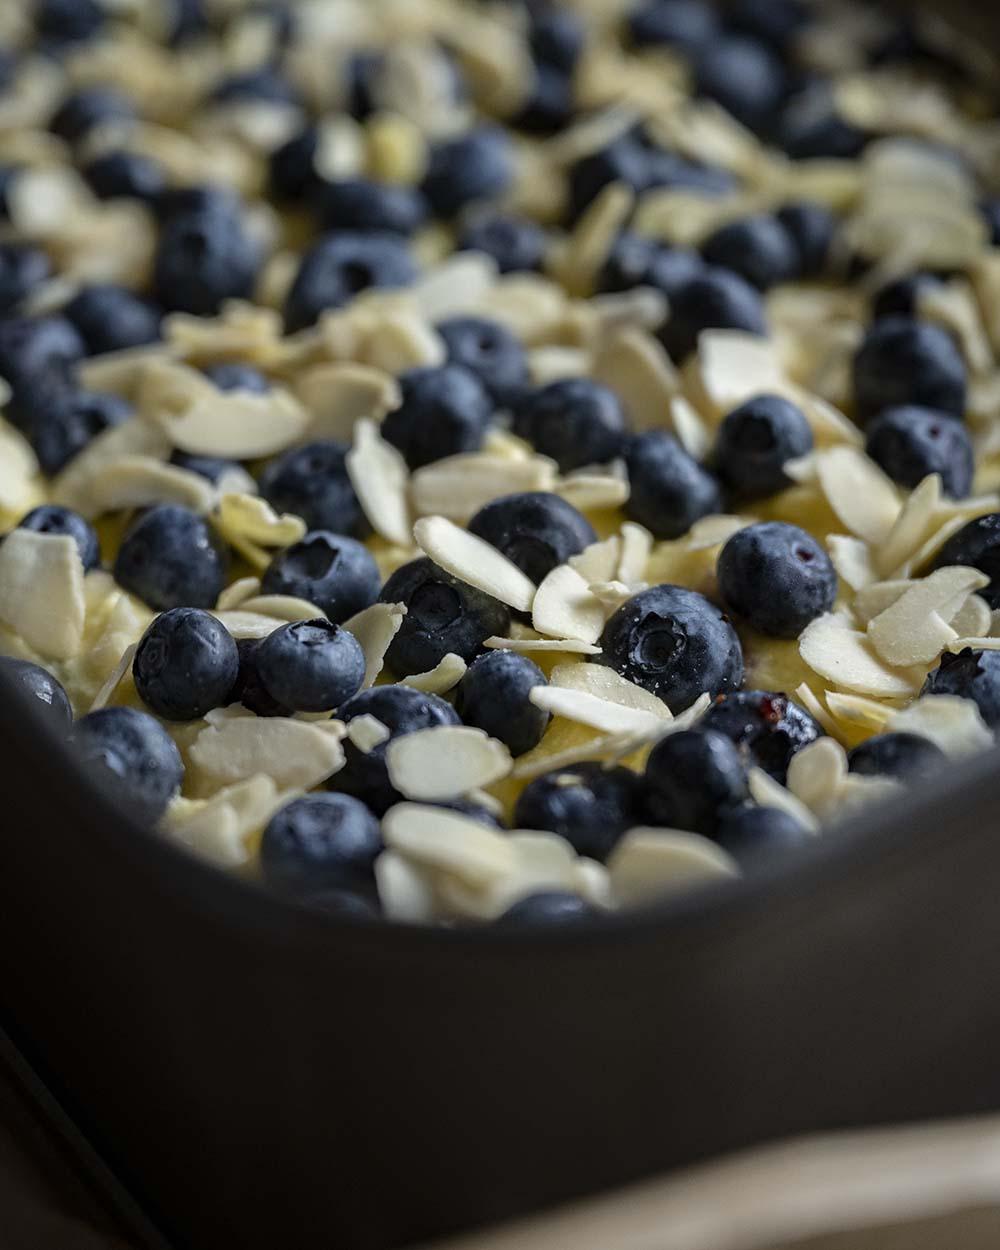 Der Teig für unseren Heidelbeer Joghurtkuchen ist in einer Backform und mit Mandelblättchen belegt.